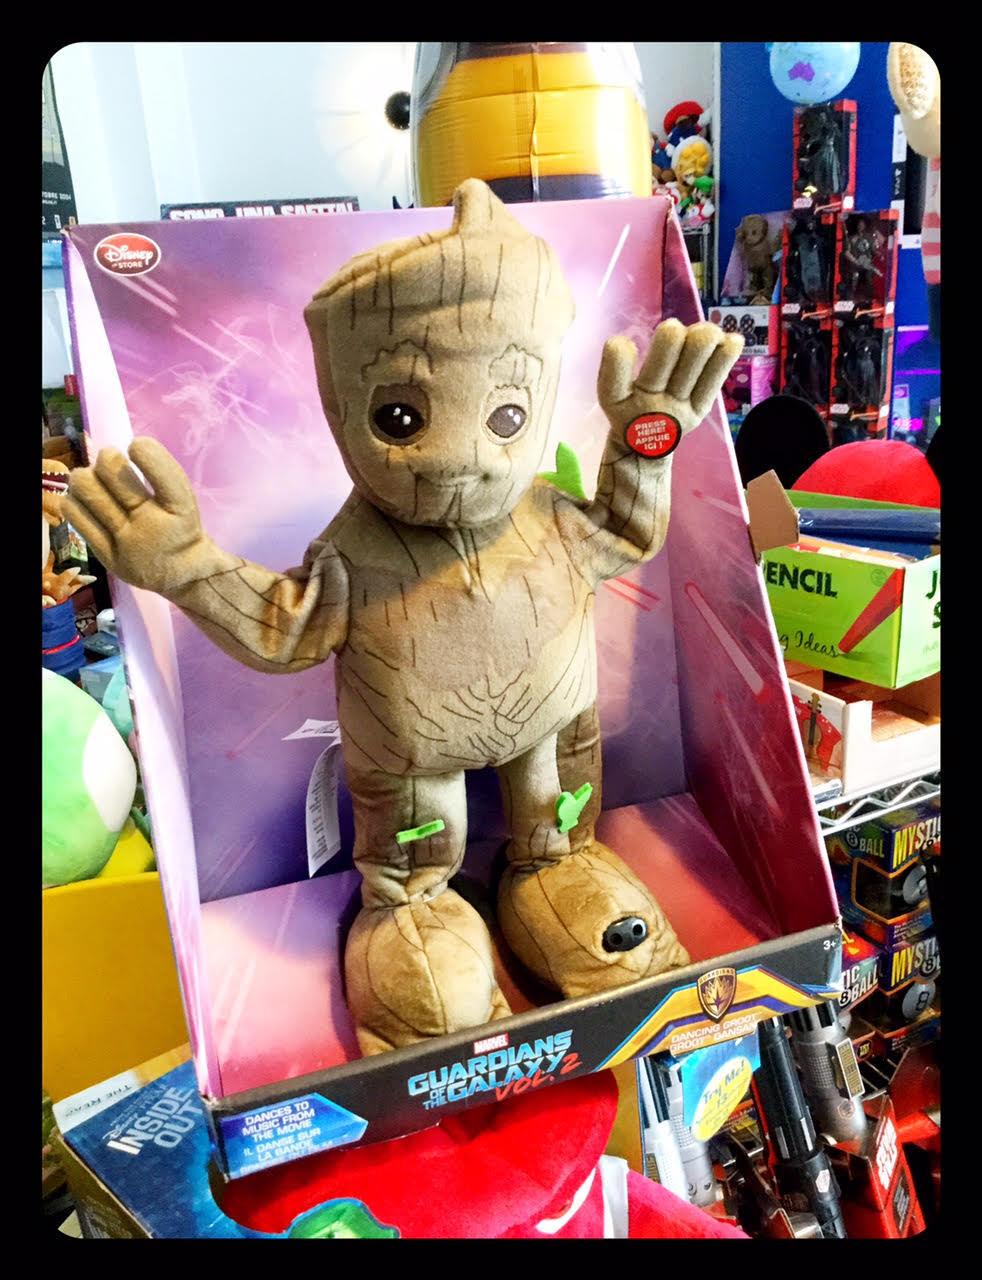 Groot danzante peluche 3D, Guardiani della Galassia Vol. 2 H 33 x L 26 x P 10cm